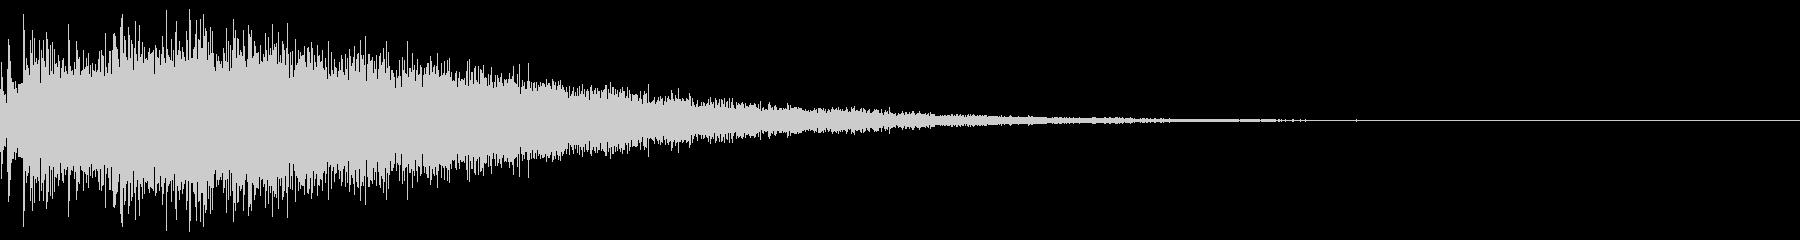 サウンドロゴ47_シンセの未再生の波形